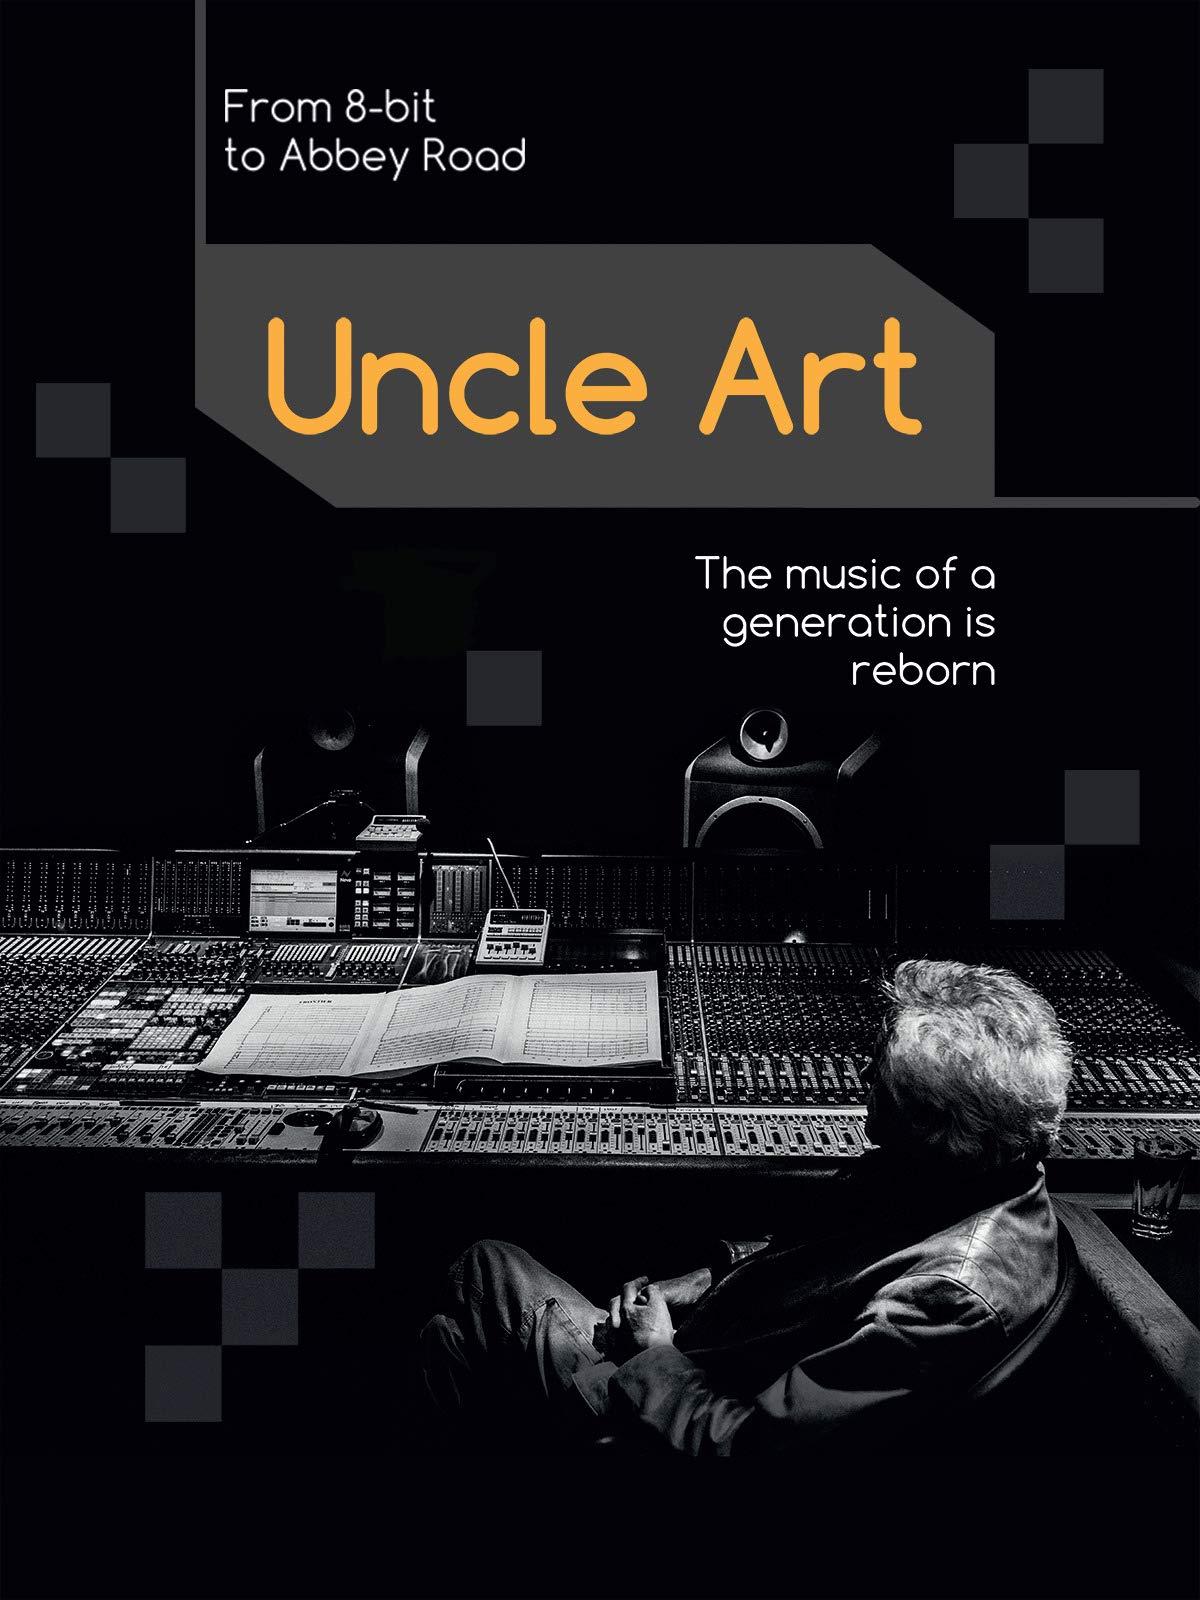 Uncle Art